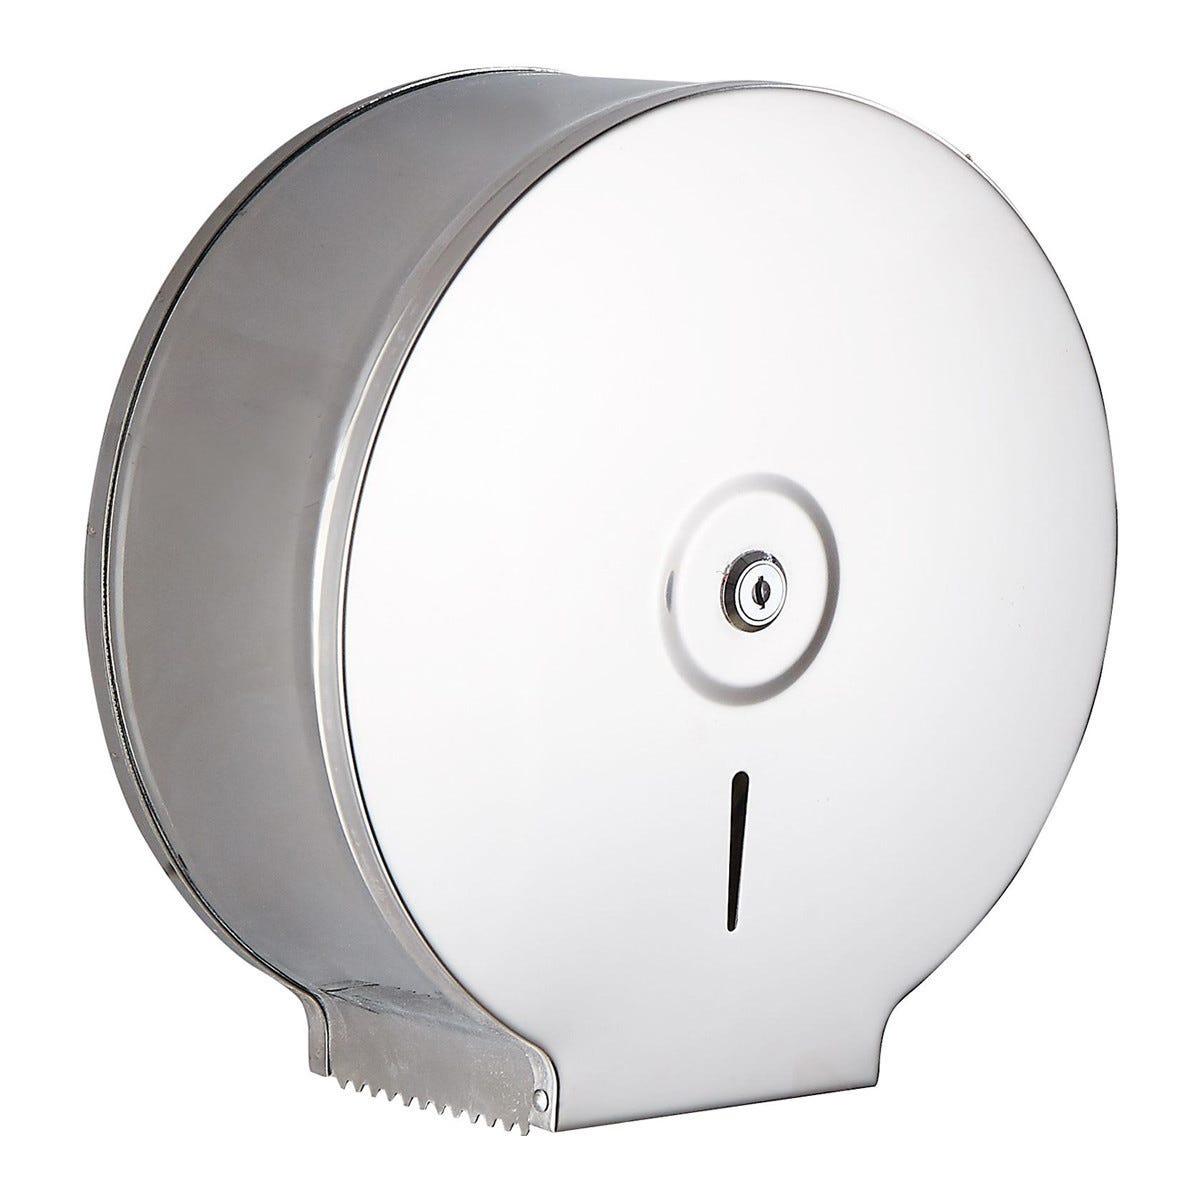 Dispenser Di Carta Igienica In Acciaio Inox Fissaggio A Muro 27,5x28,4x11,6 Cm